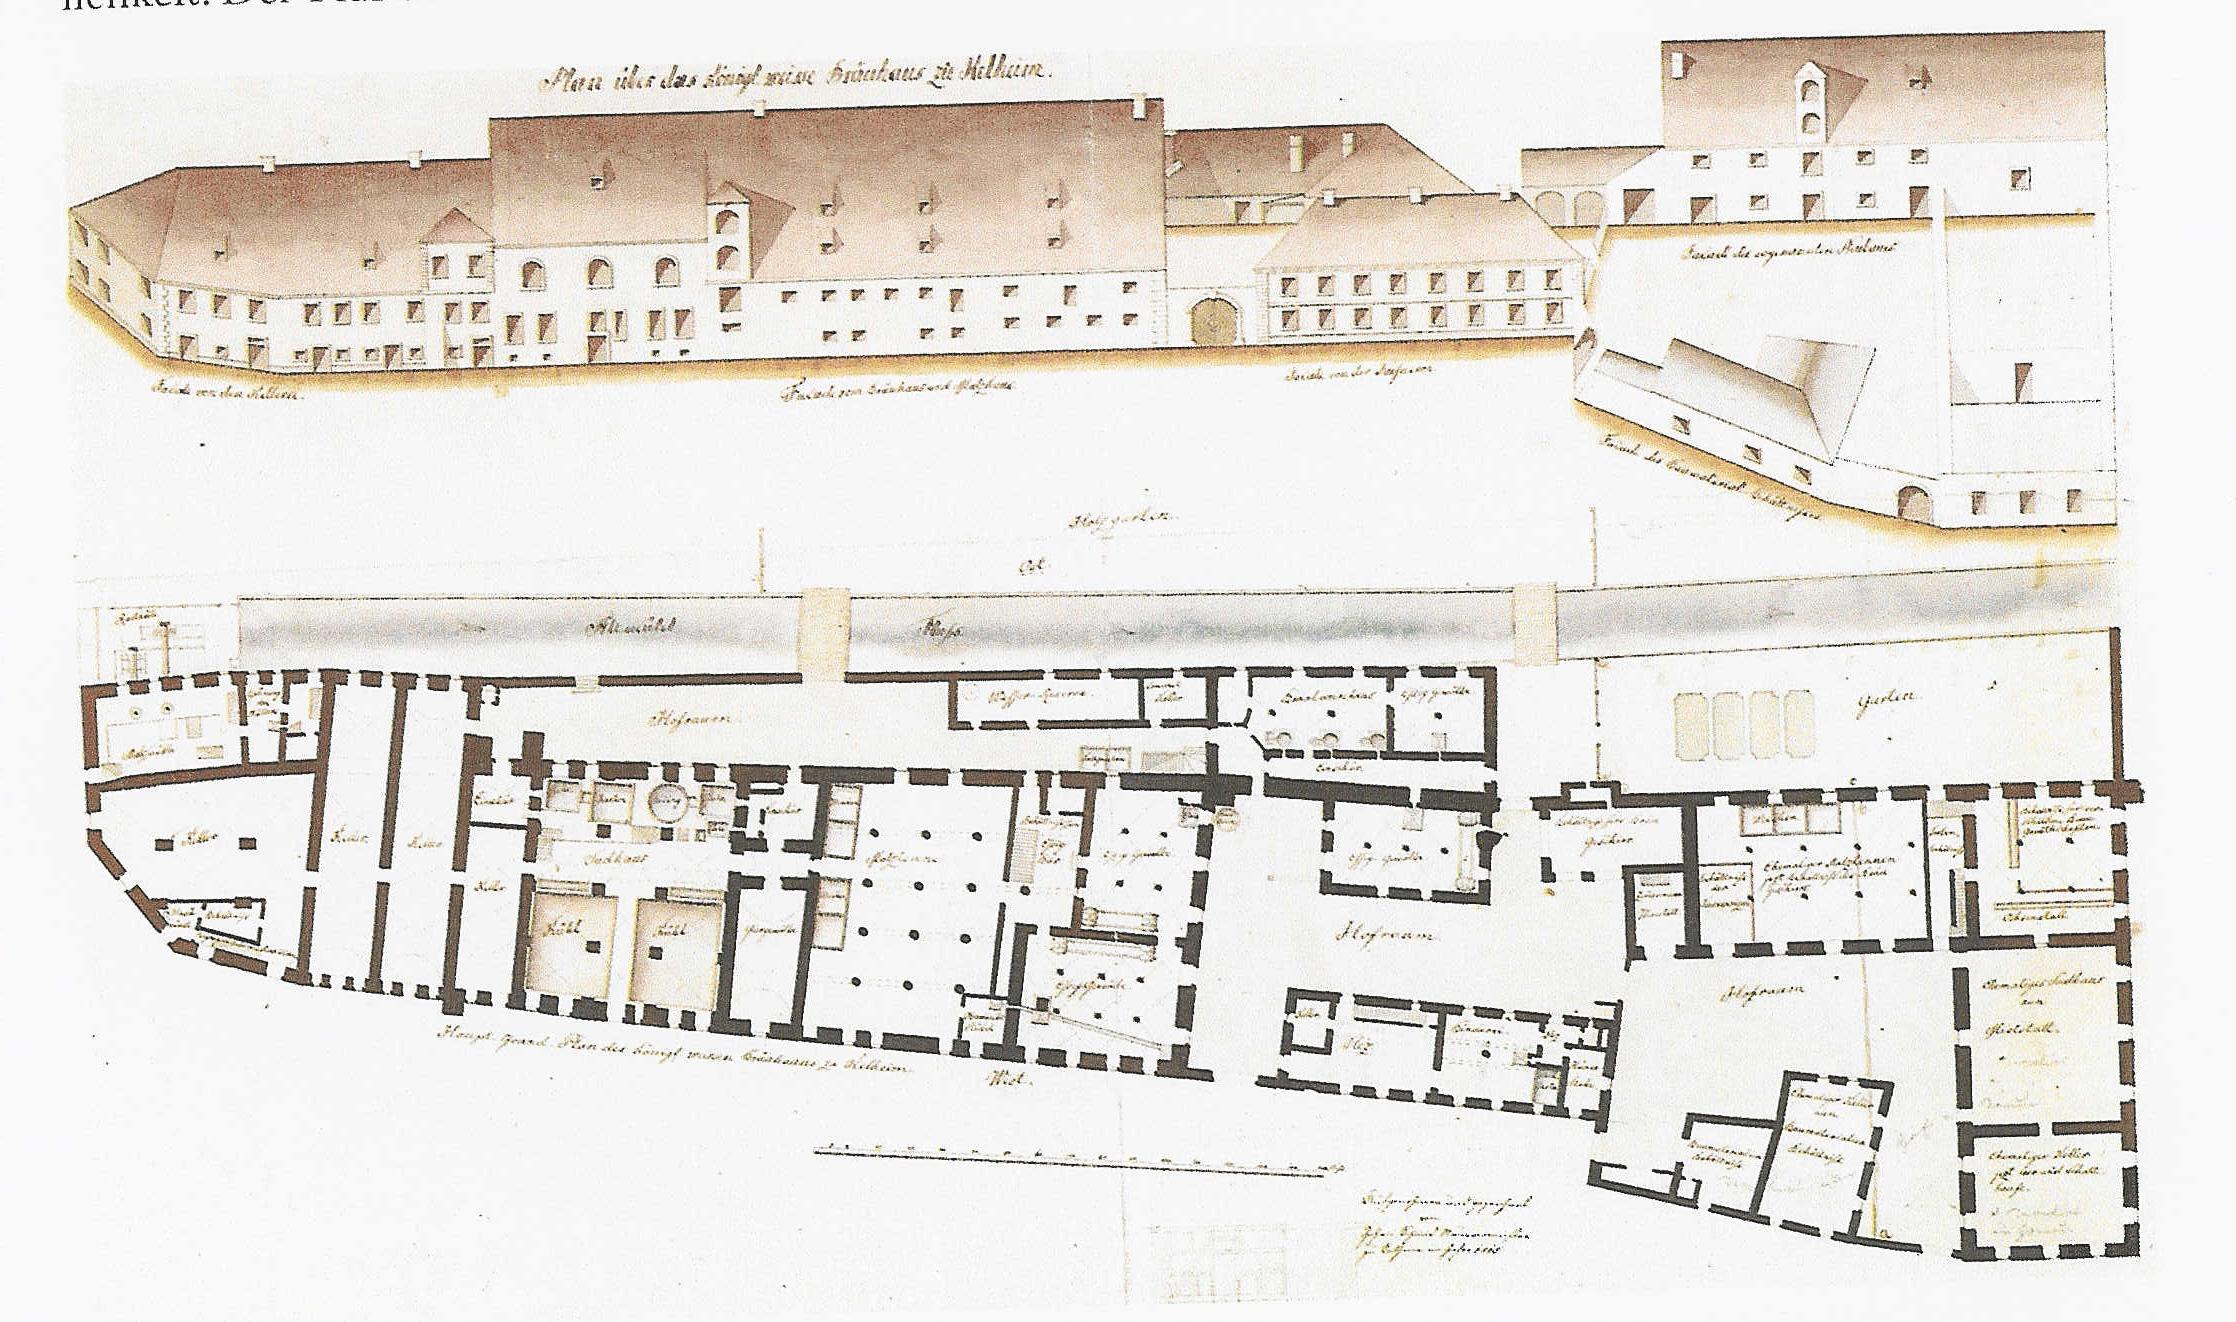 1825 Plan des königlichen WBK